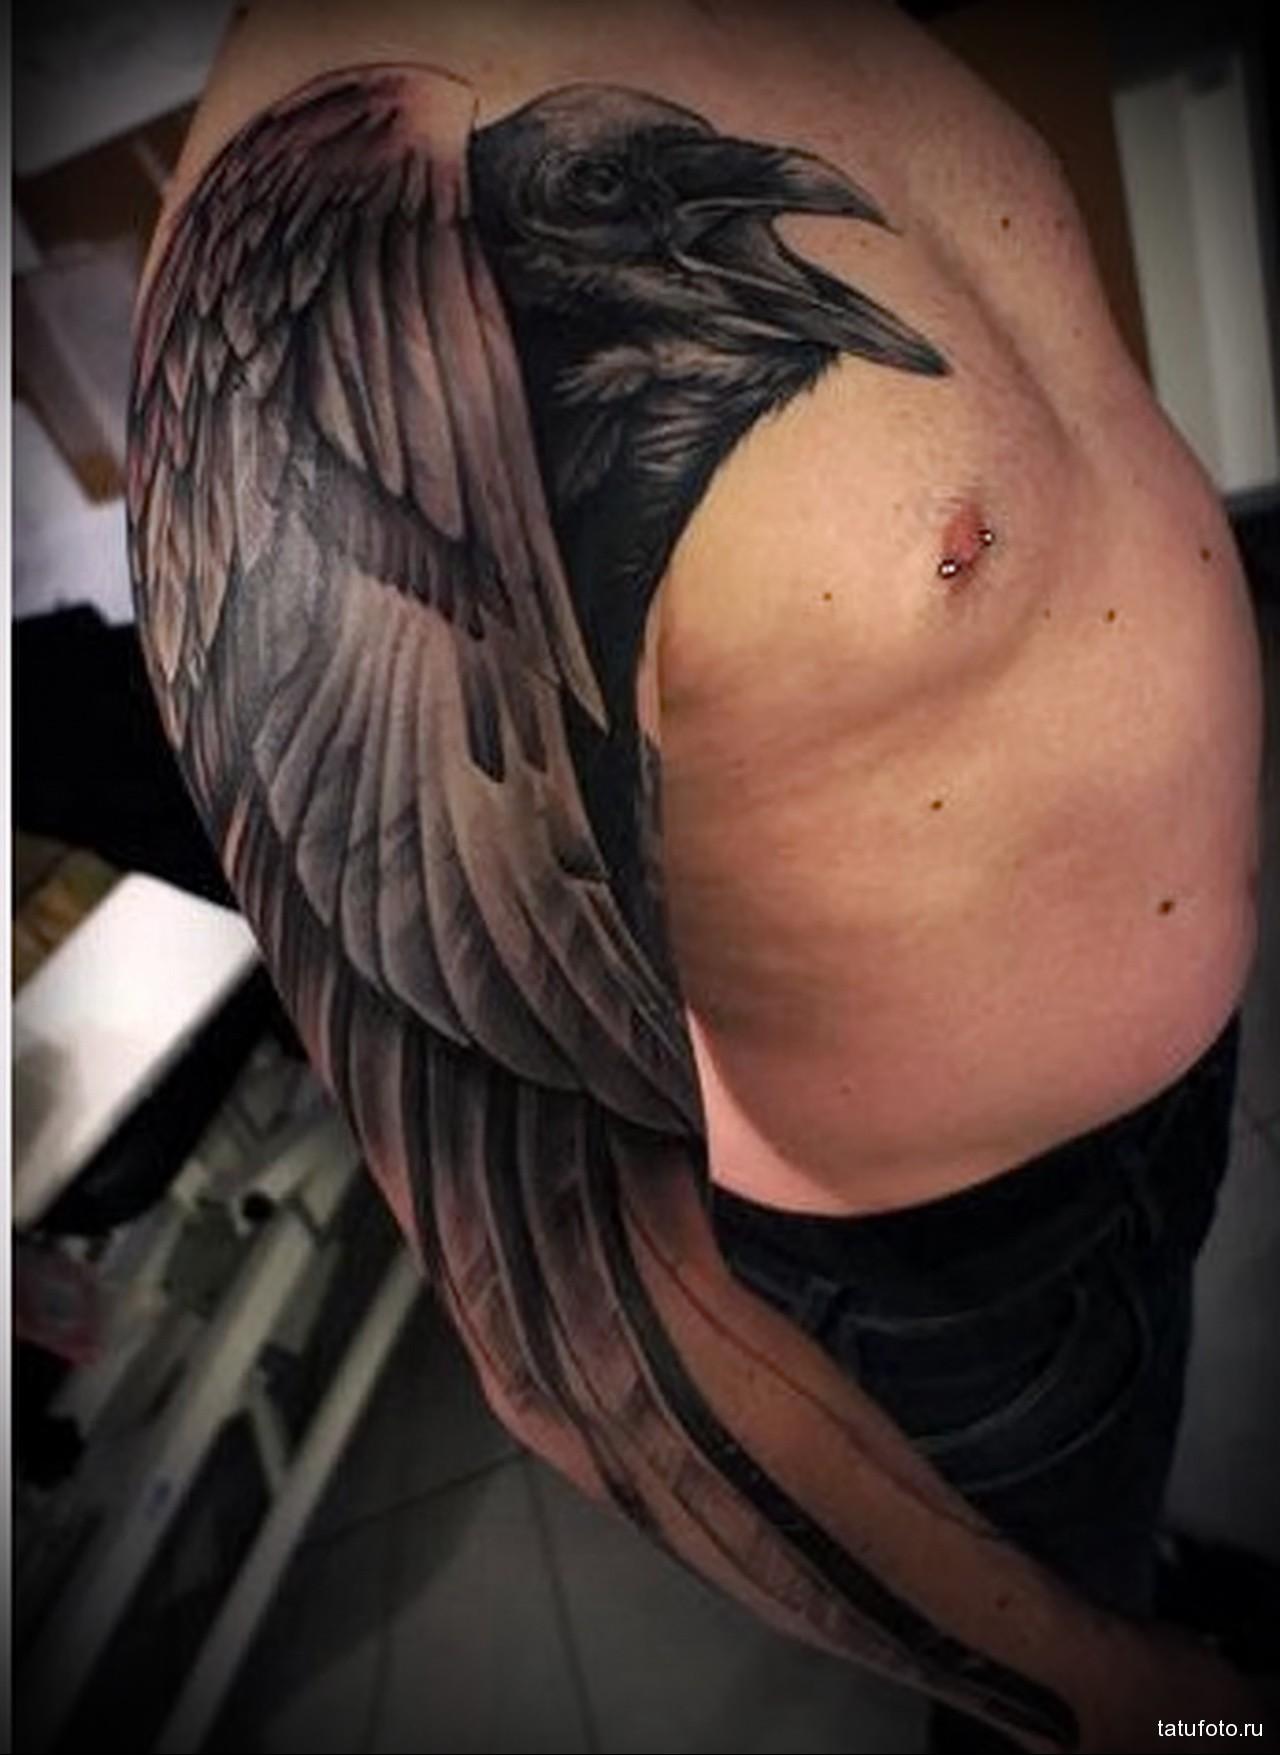 тату черный ворон большого размера - мужская татуировка на плече